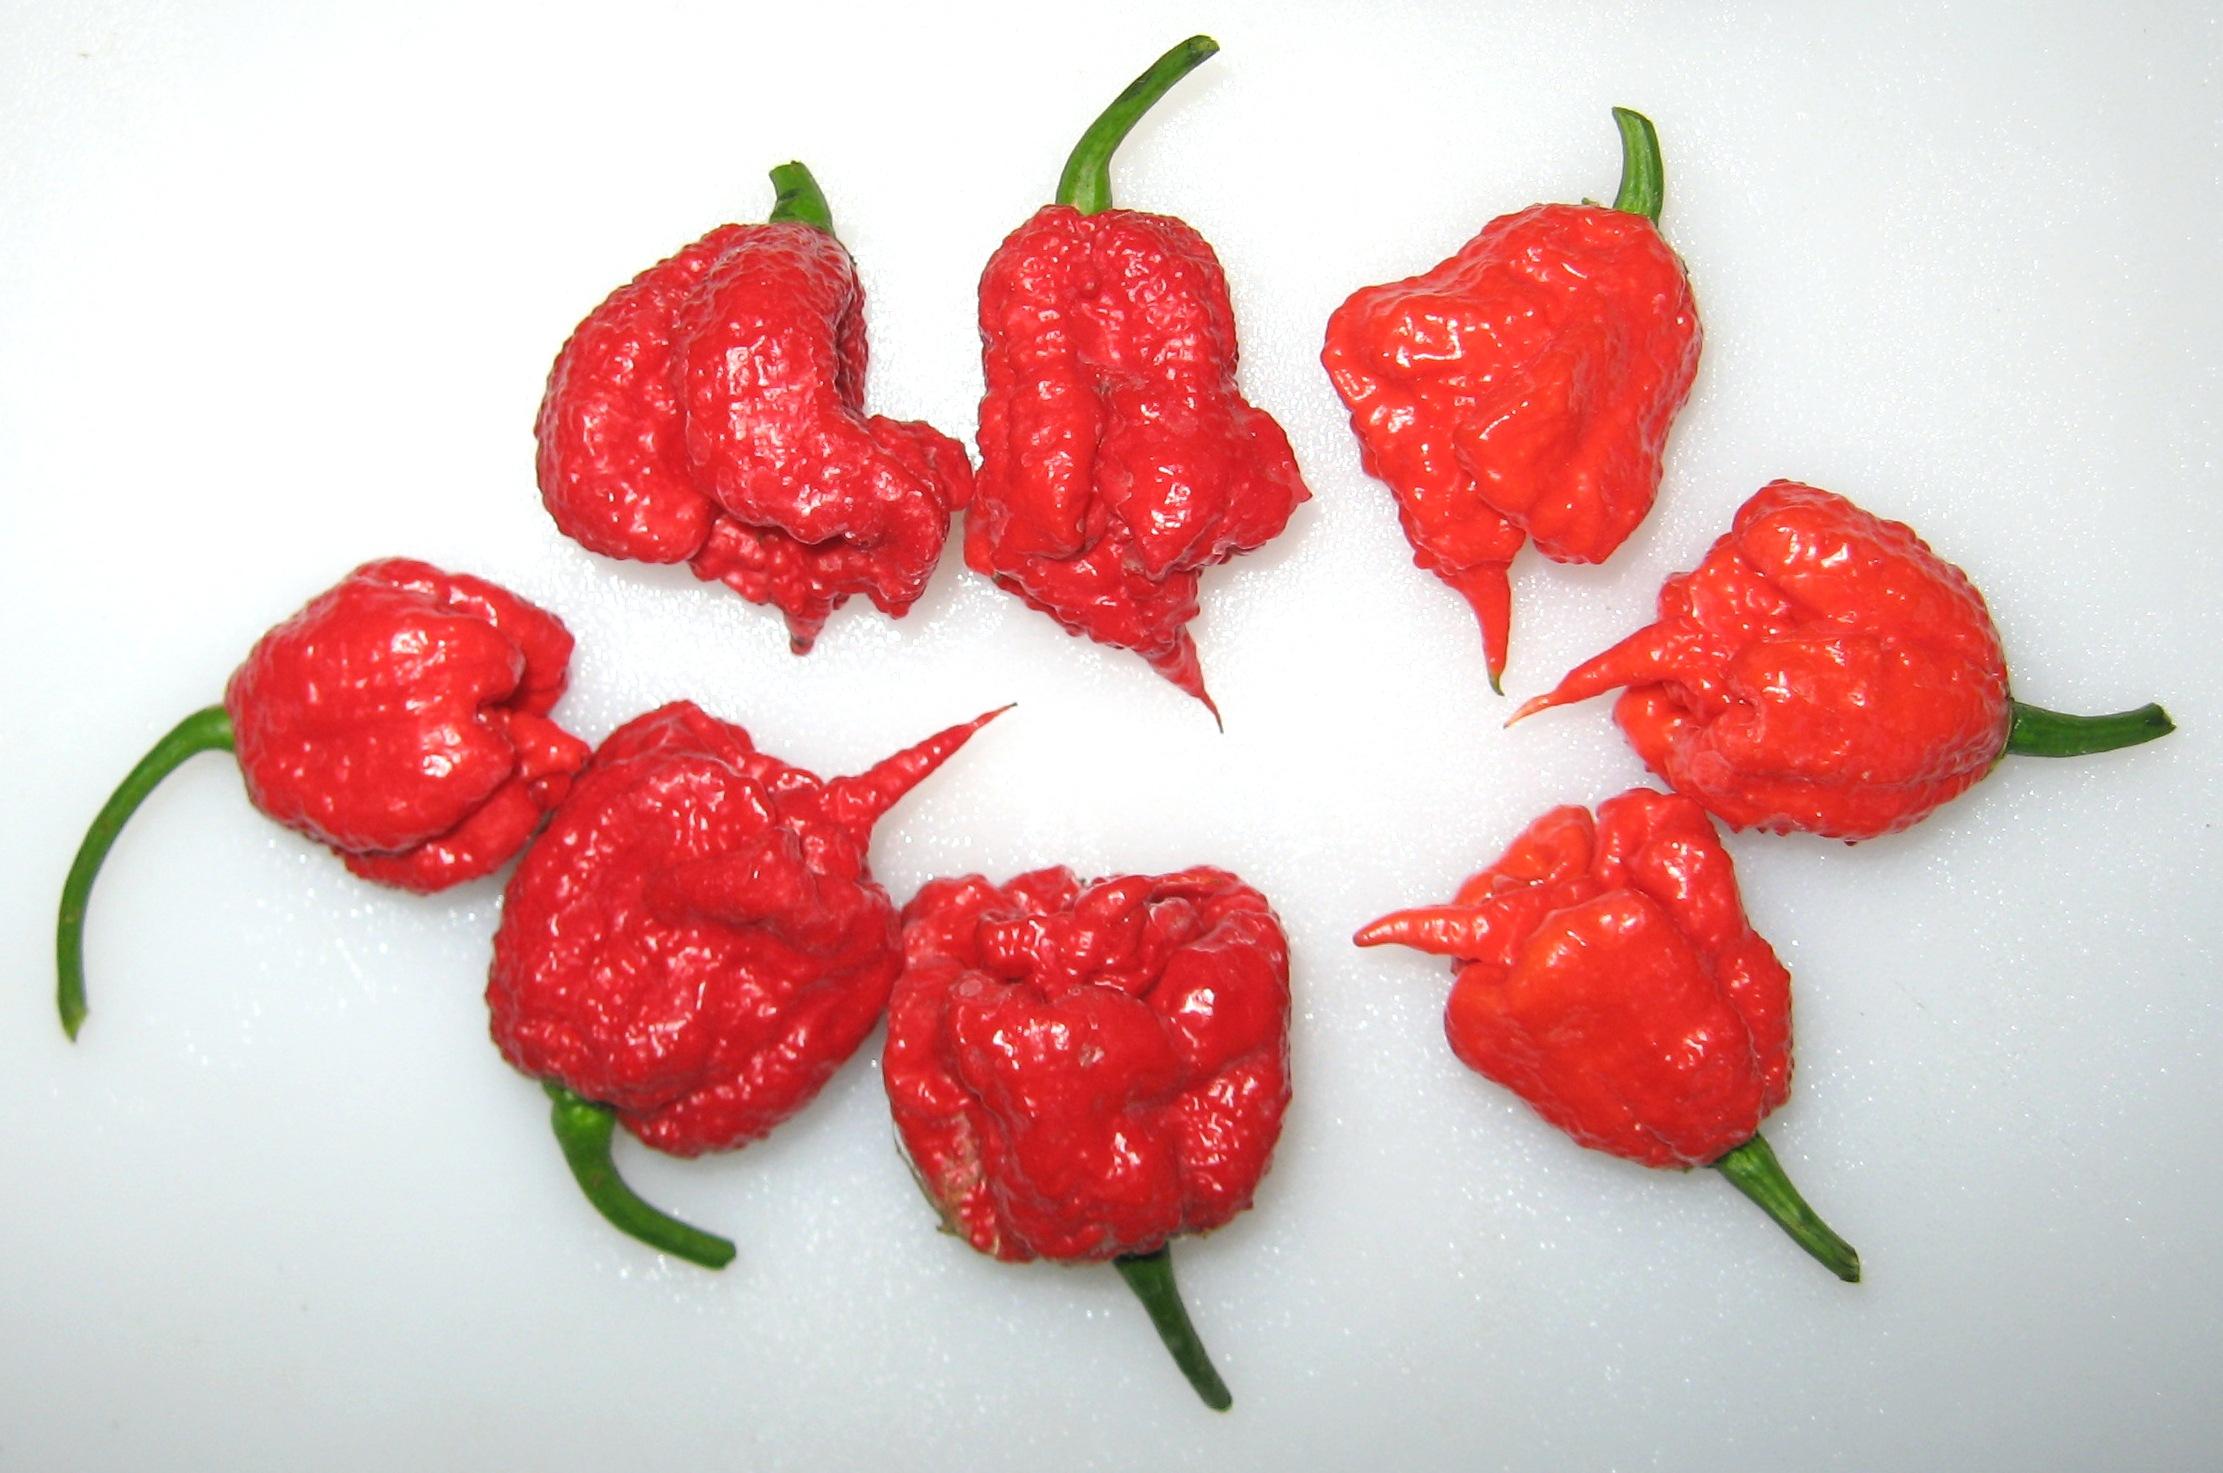 Carolina Reaper biberleri.  Görüntü, tomatoes.wordpress.com delectation izniyle